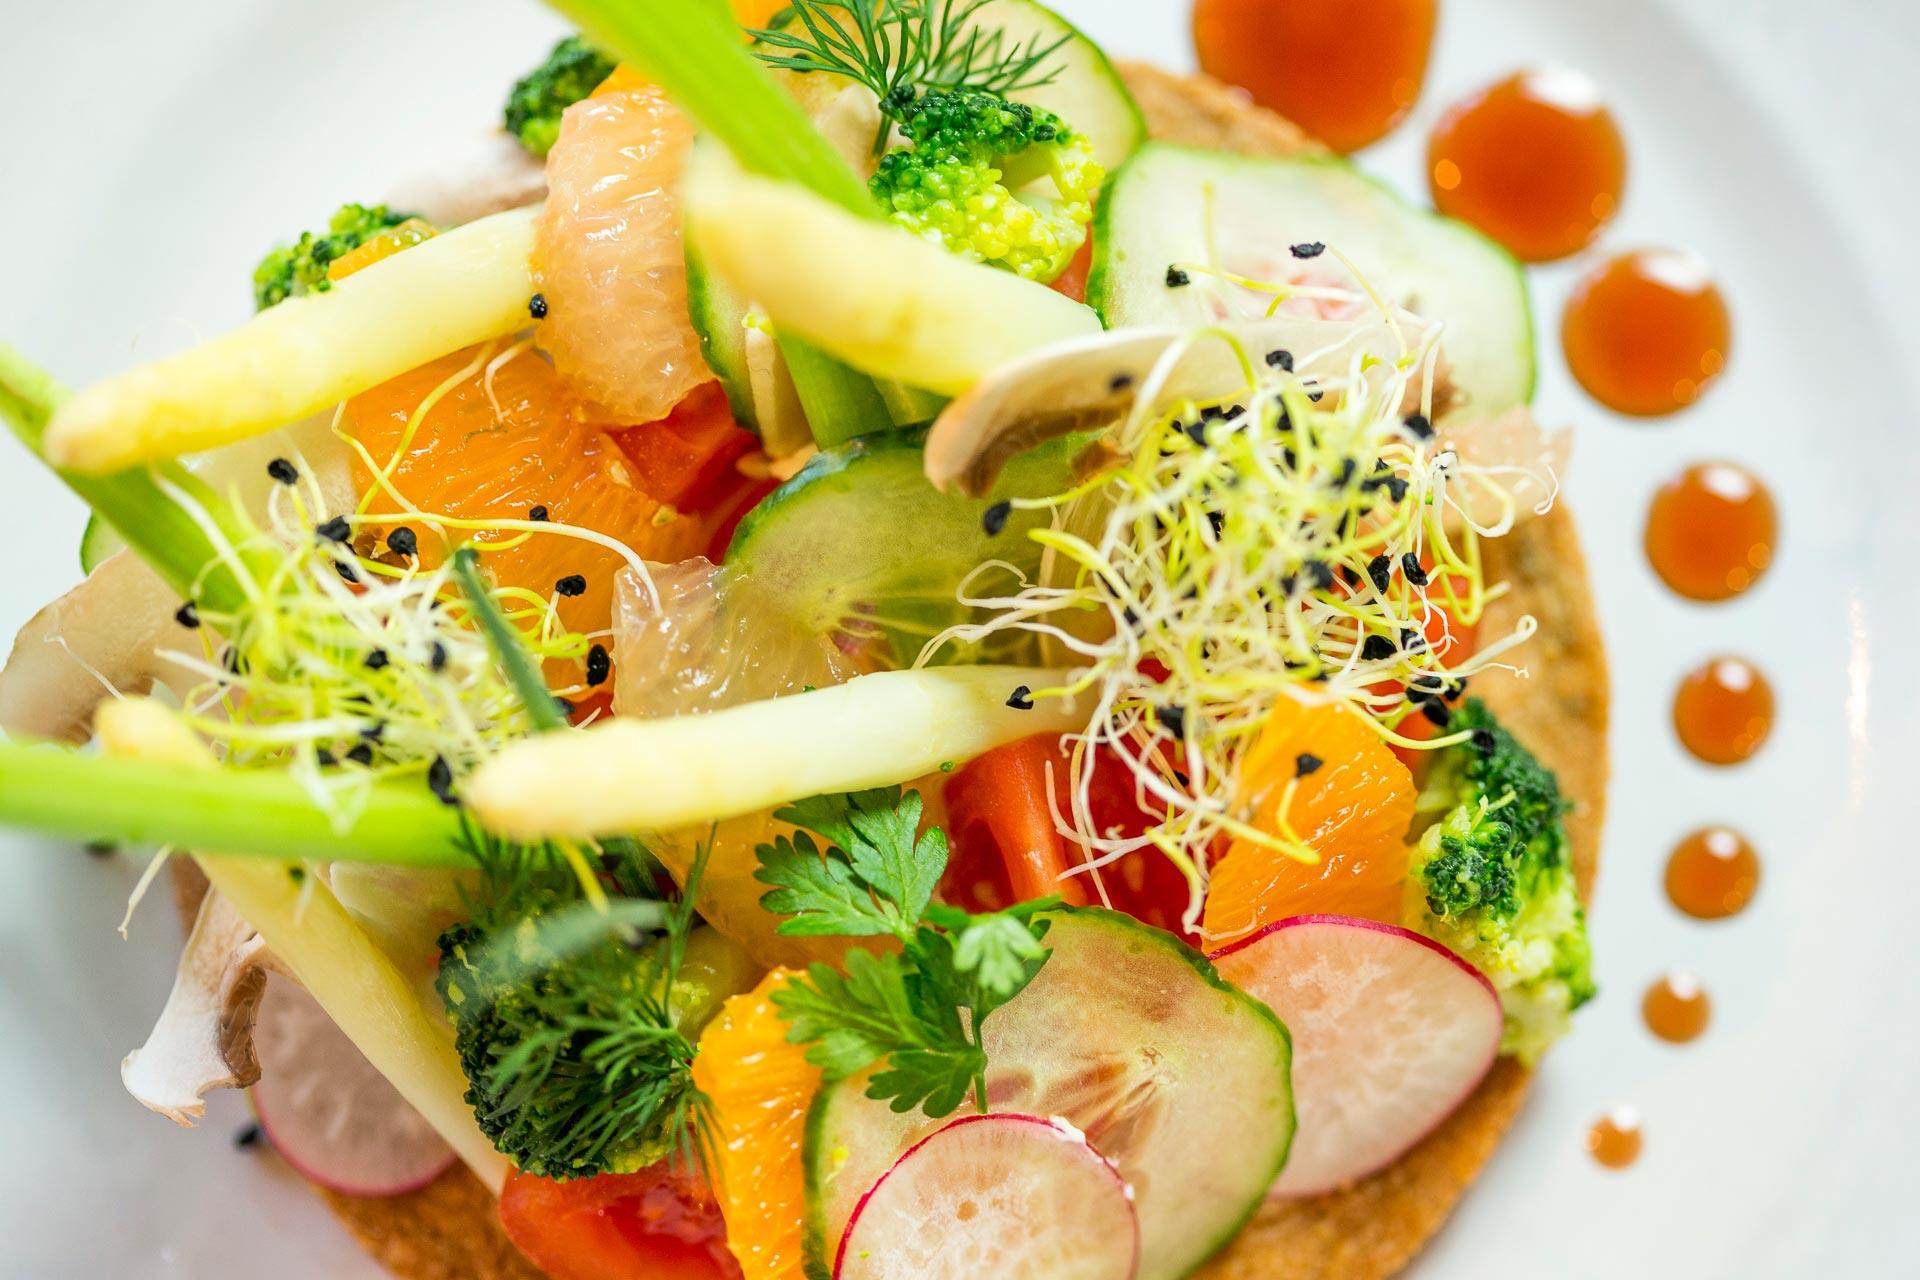 Les légumes normands revisités